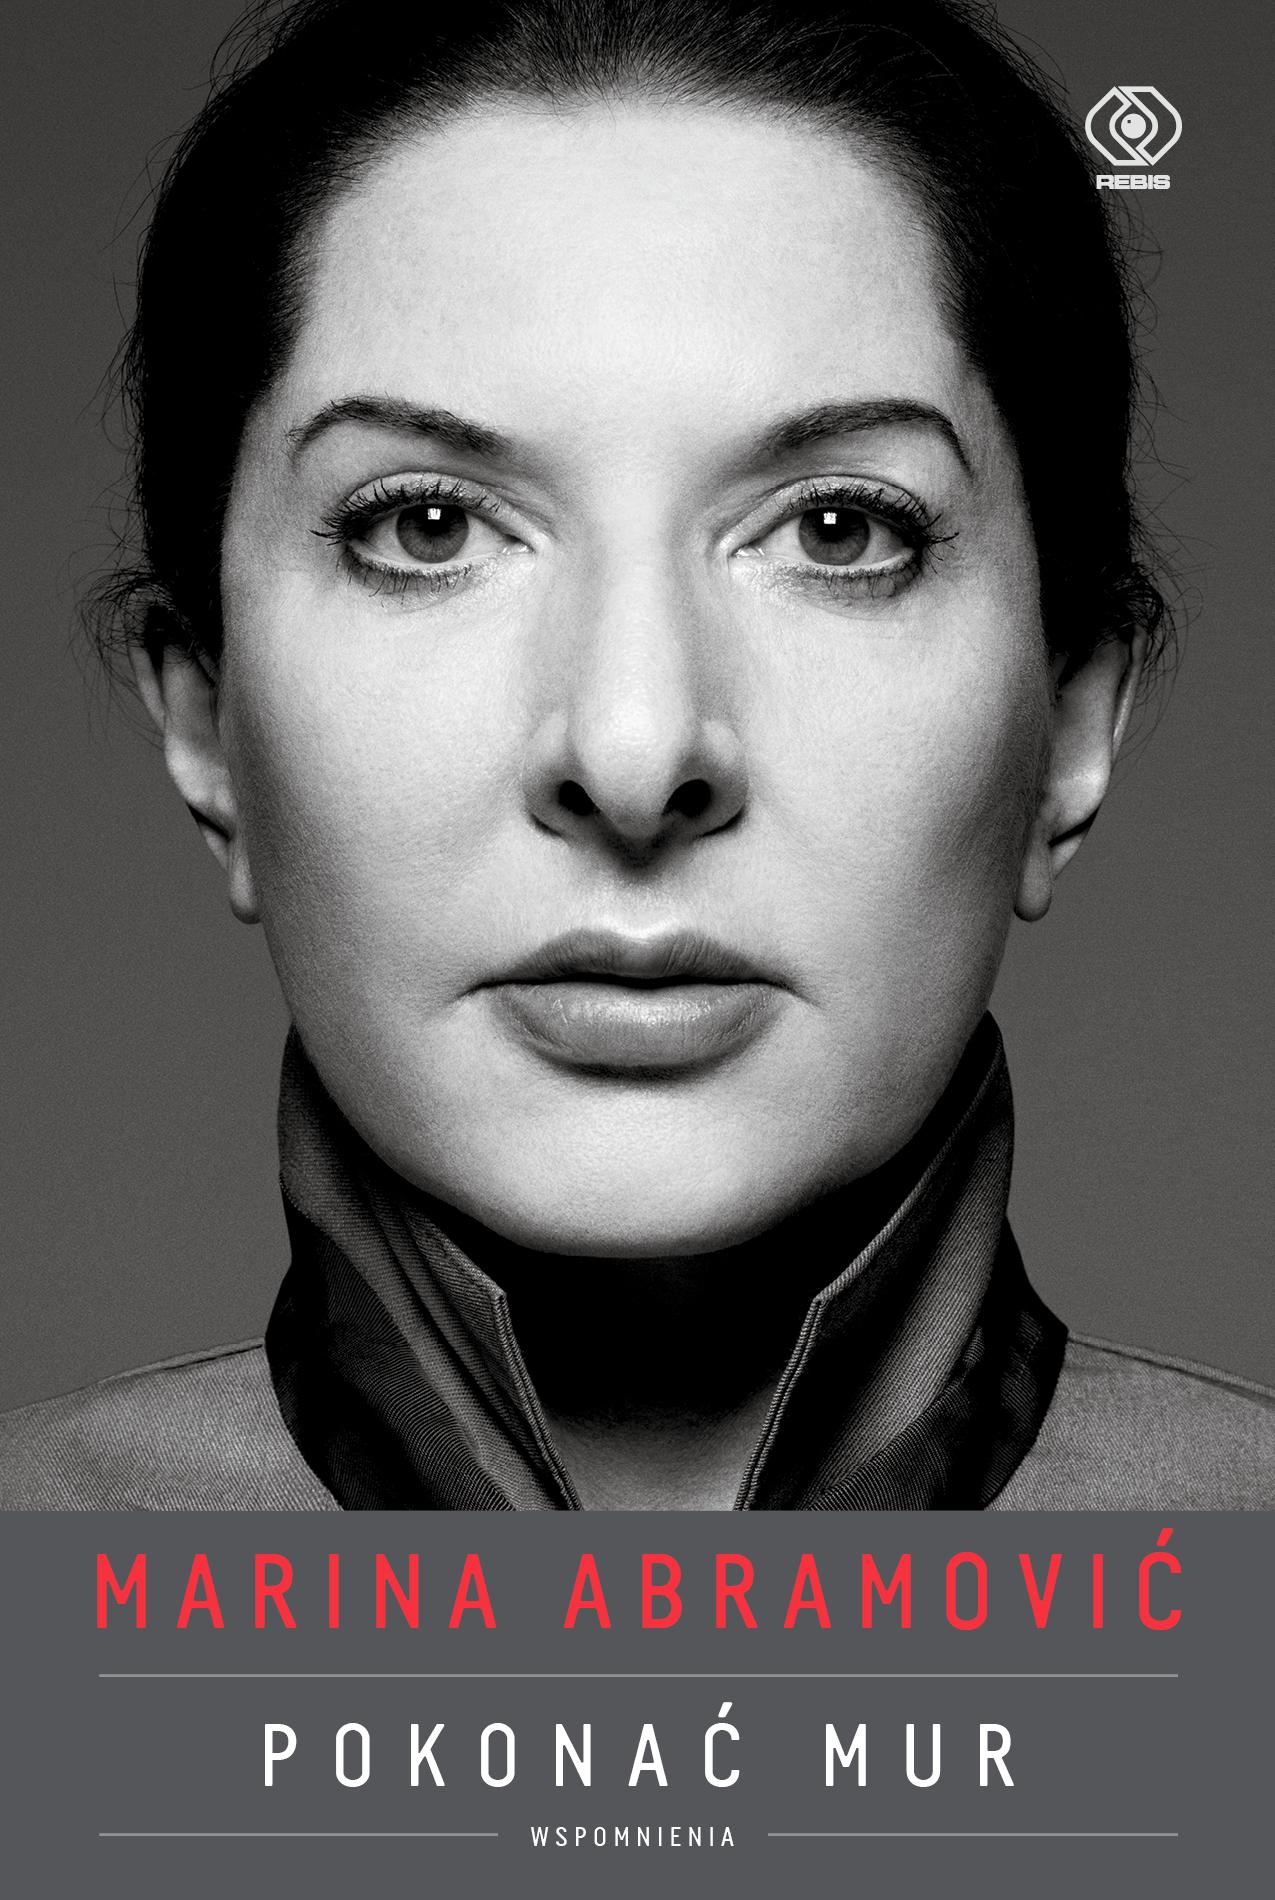 """Marina Abramović, """"Pokonać mur. Wspomnienia"""" (źródło: materiały prasowe wydawnictwa)"""